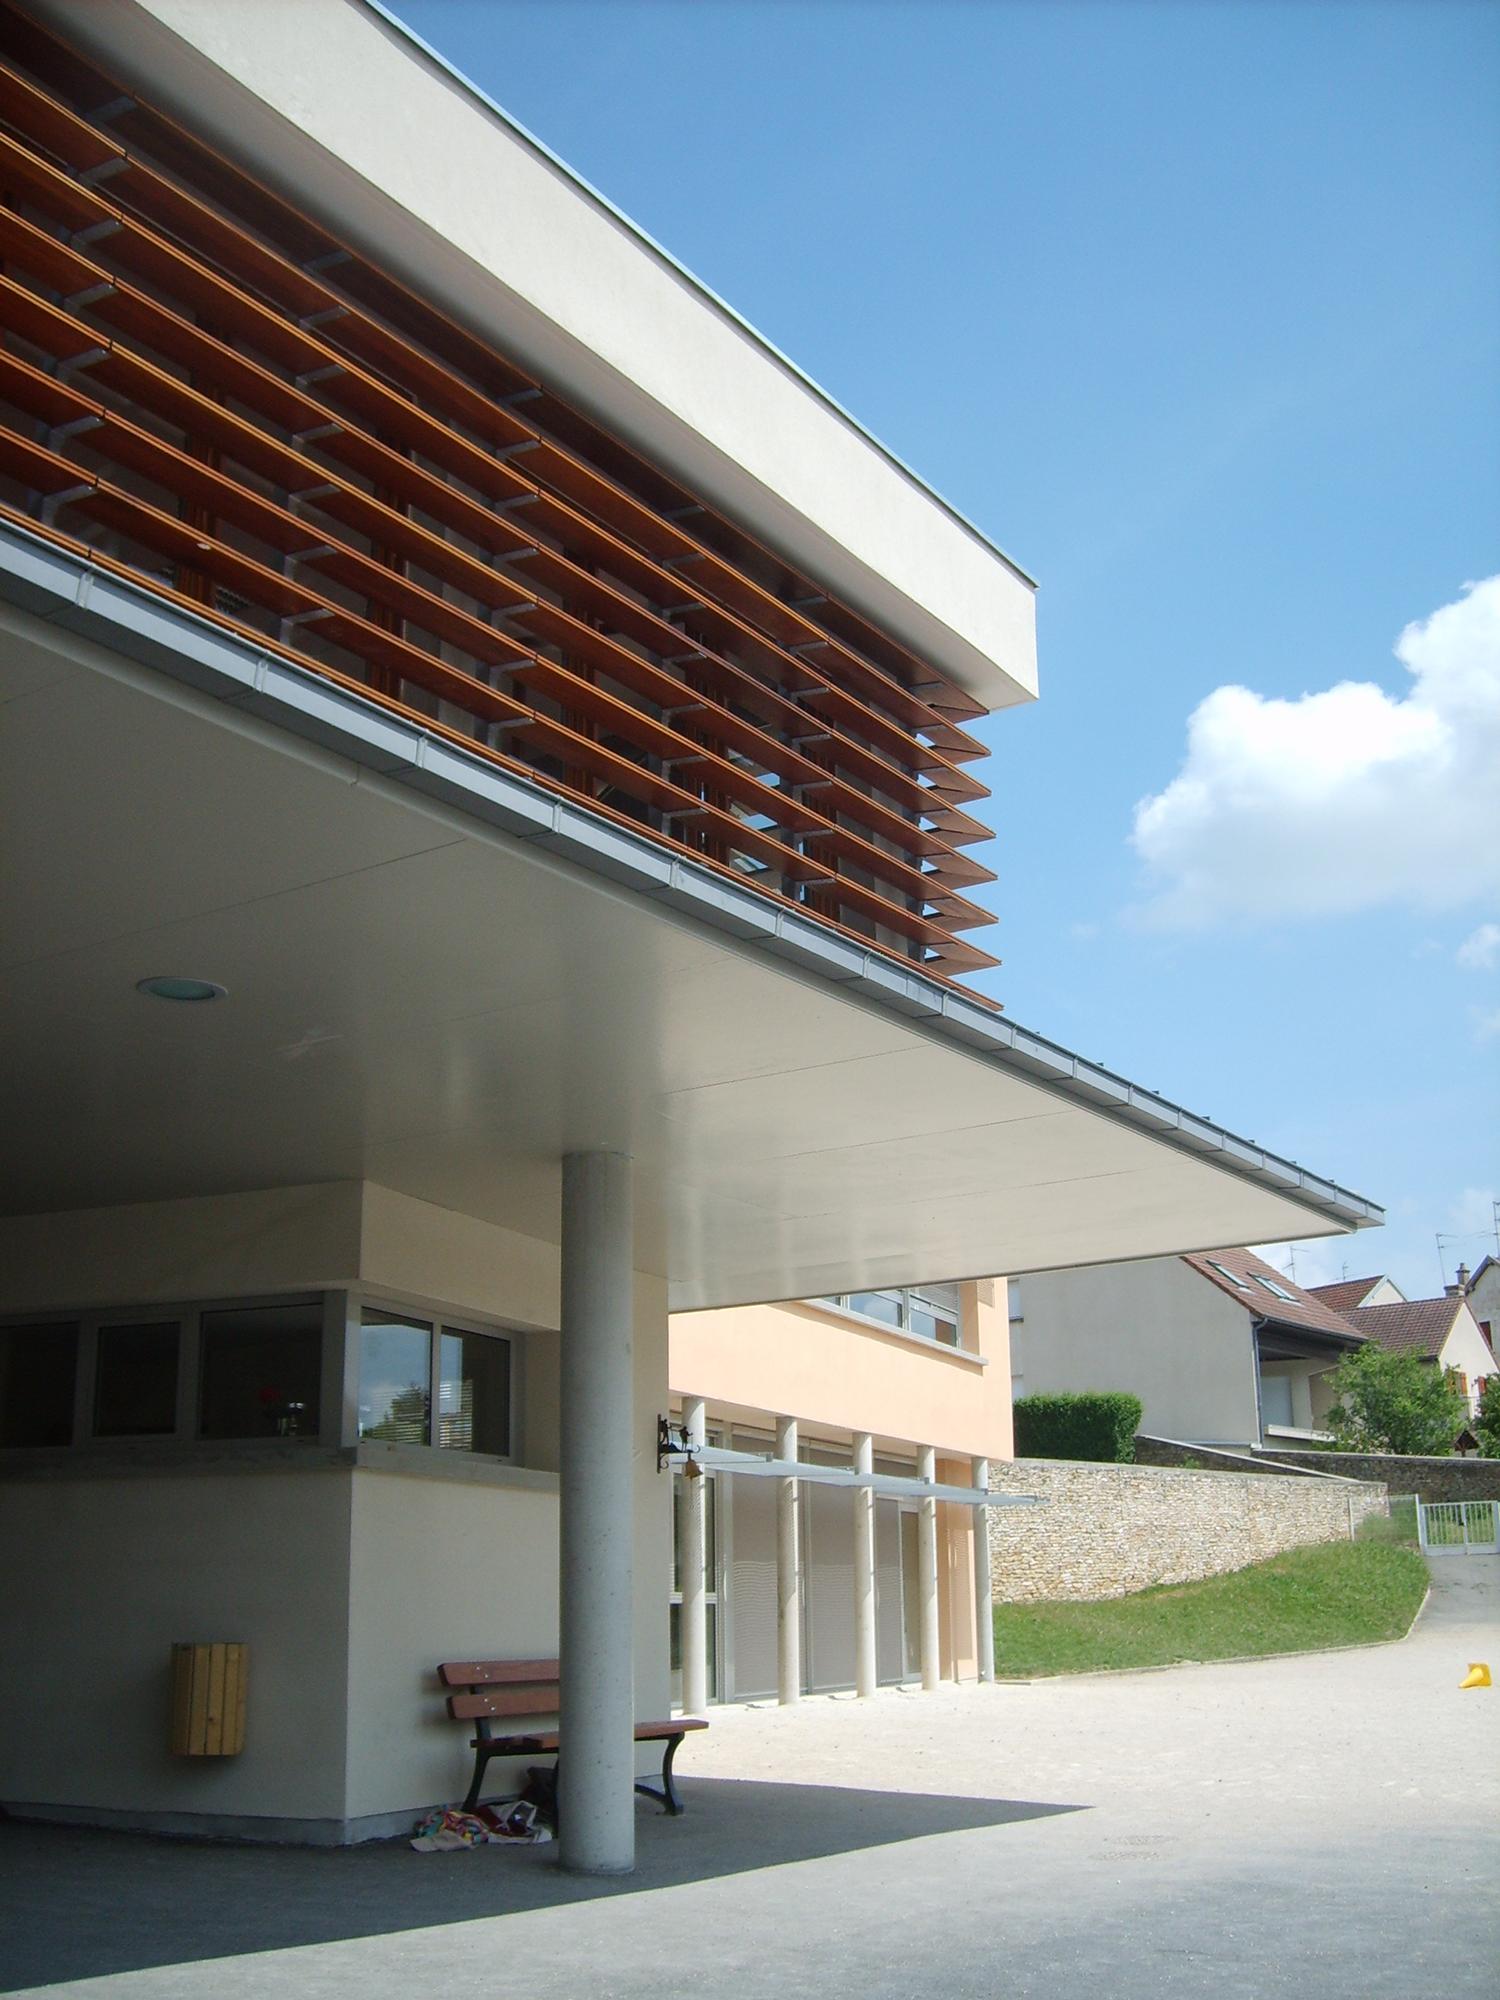 pôle-scolaire-messigny-et-vantoux-photo-porche